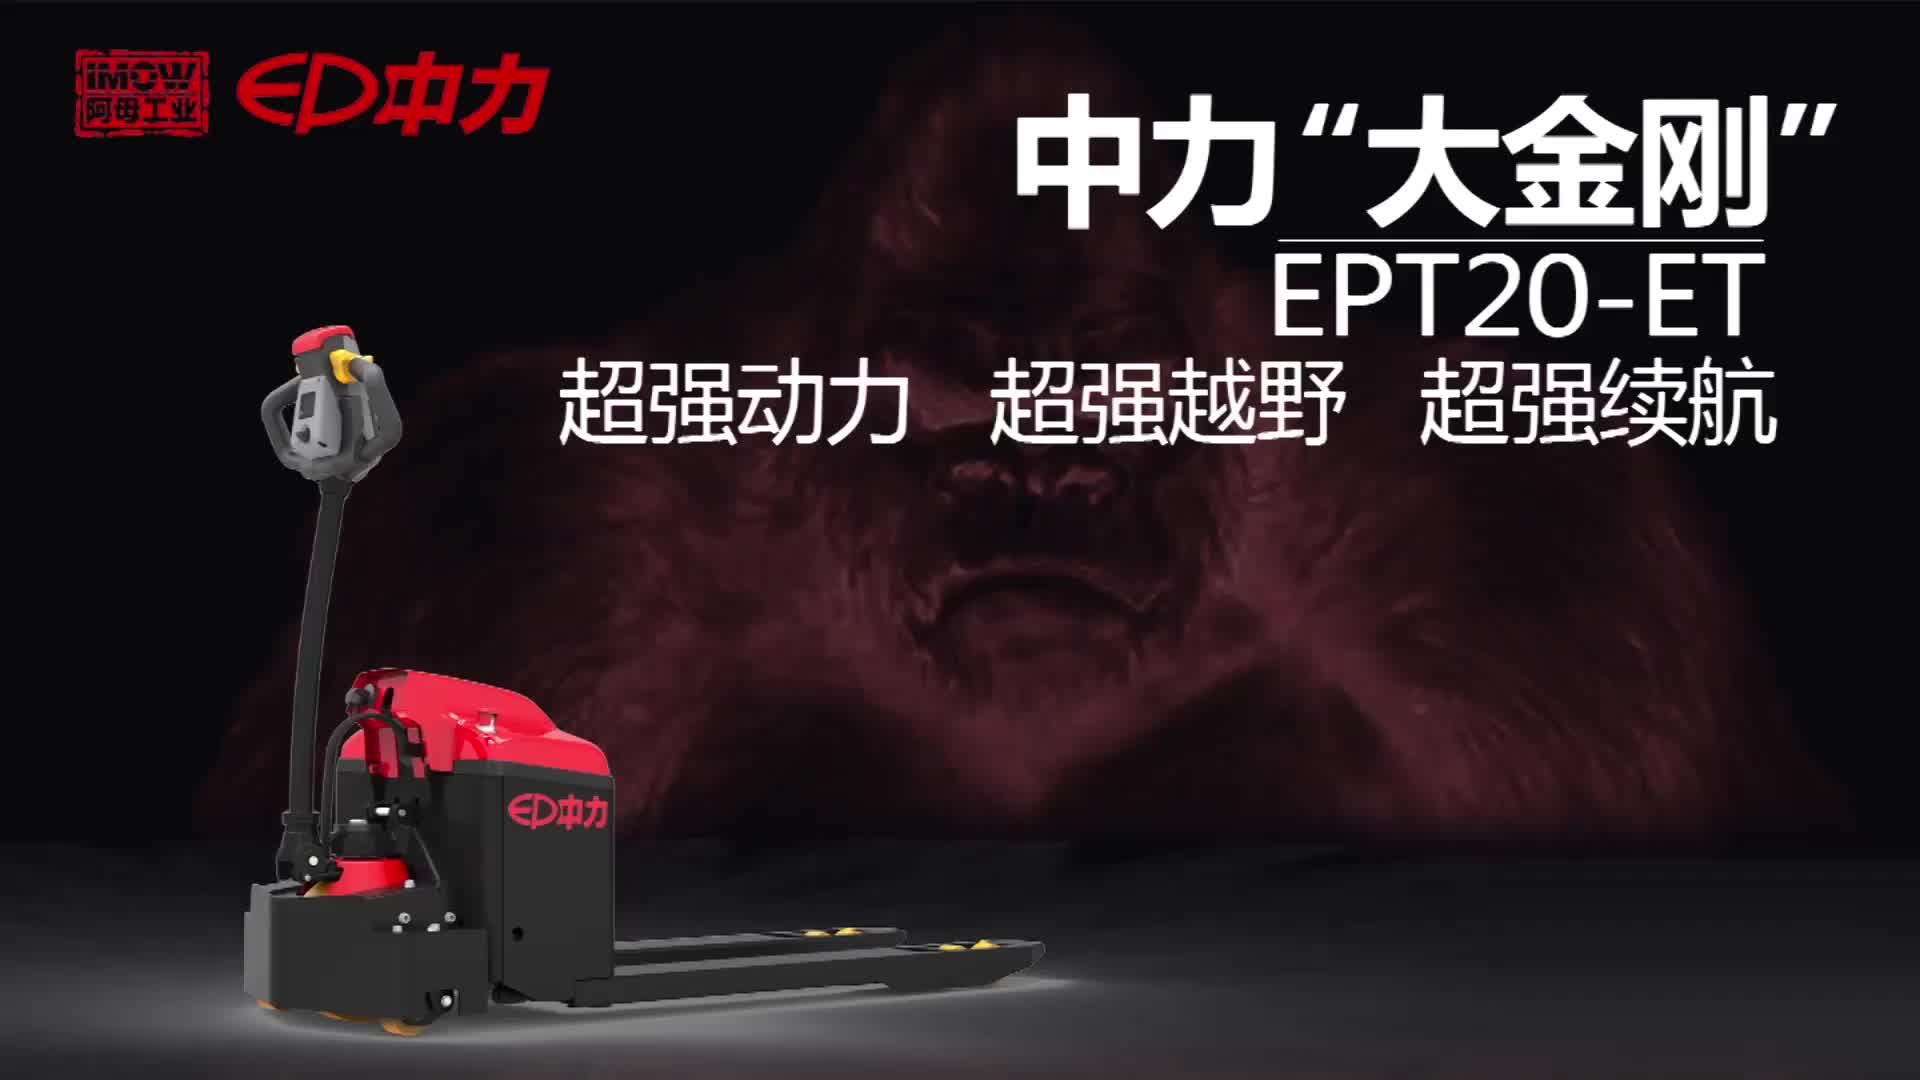 EPT20-ET 2.0吨电动搬运车 中力大金刚